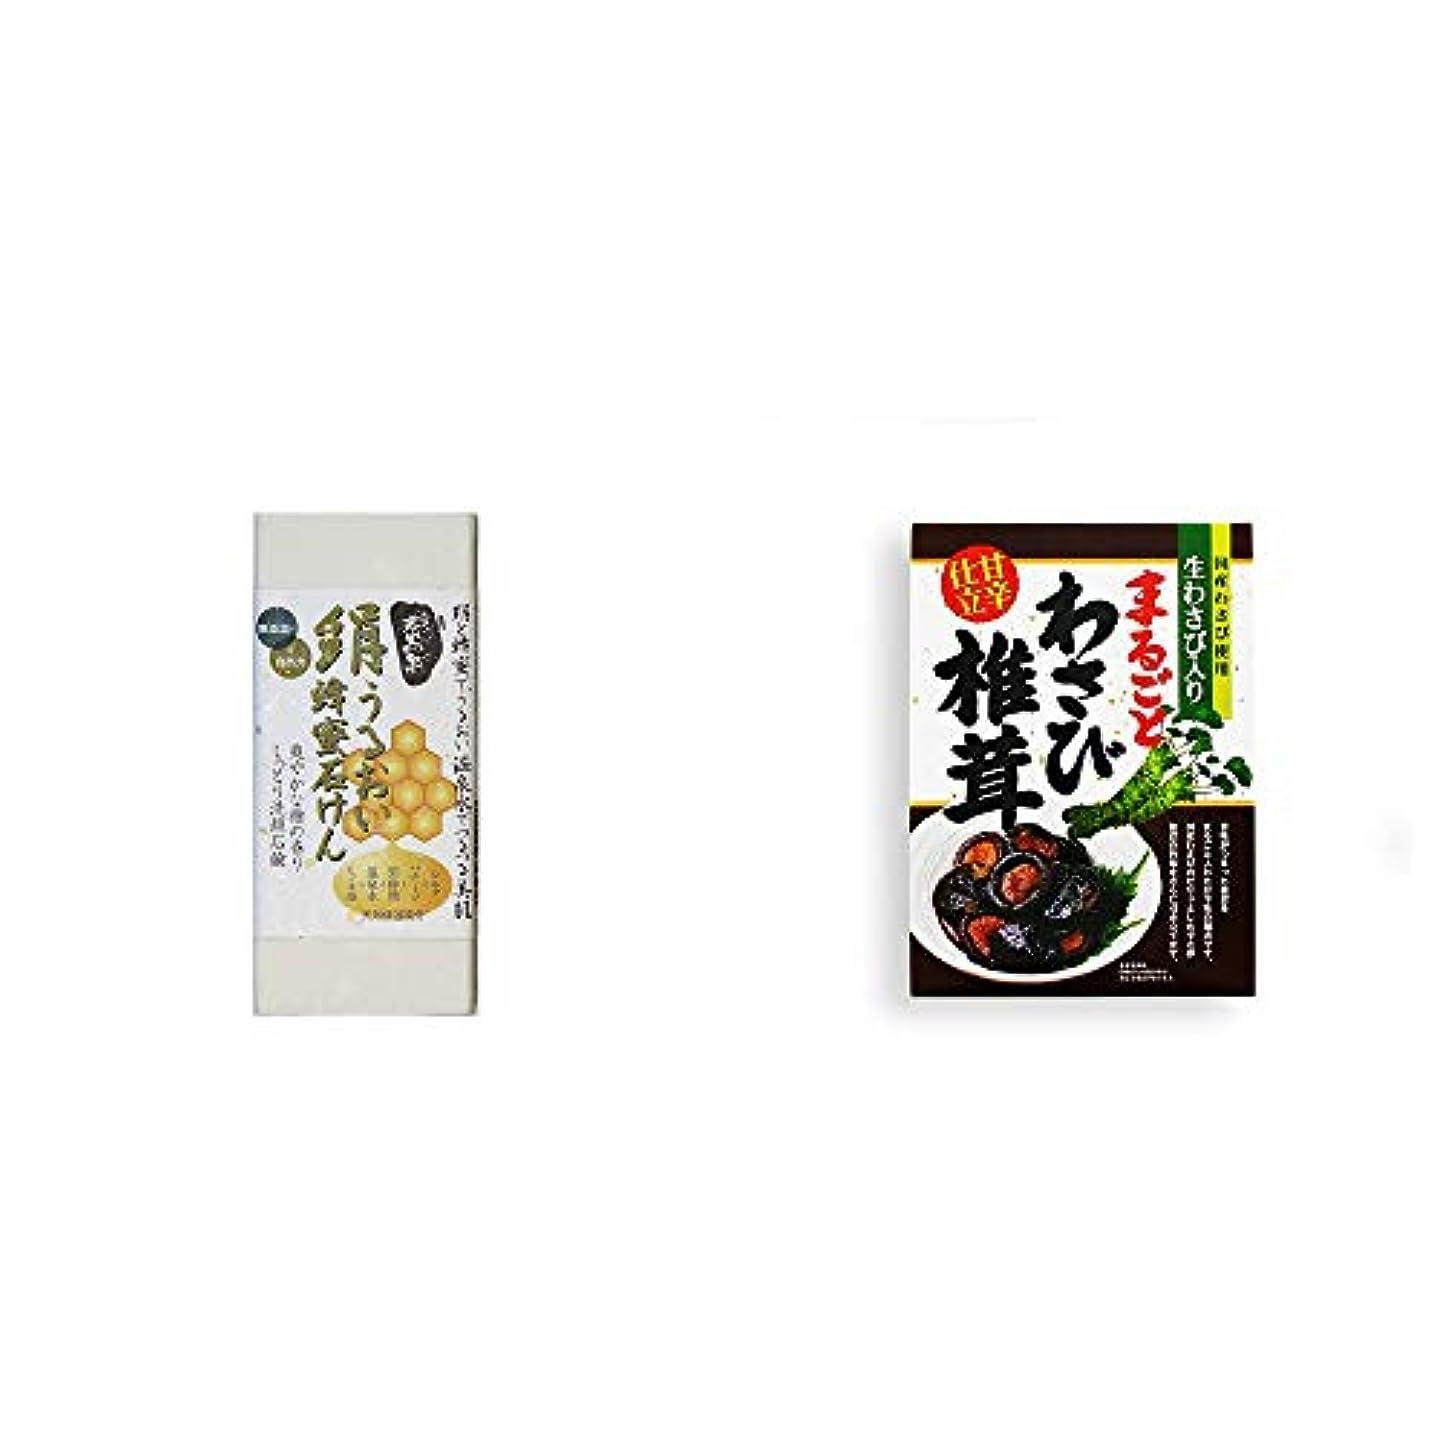 取得するハブ大宇宙[2点セット] ひのき炭黒泉 絹うるおい蜂蜜石けん(75g×2)?まるごとわさび椎茸(200g)